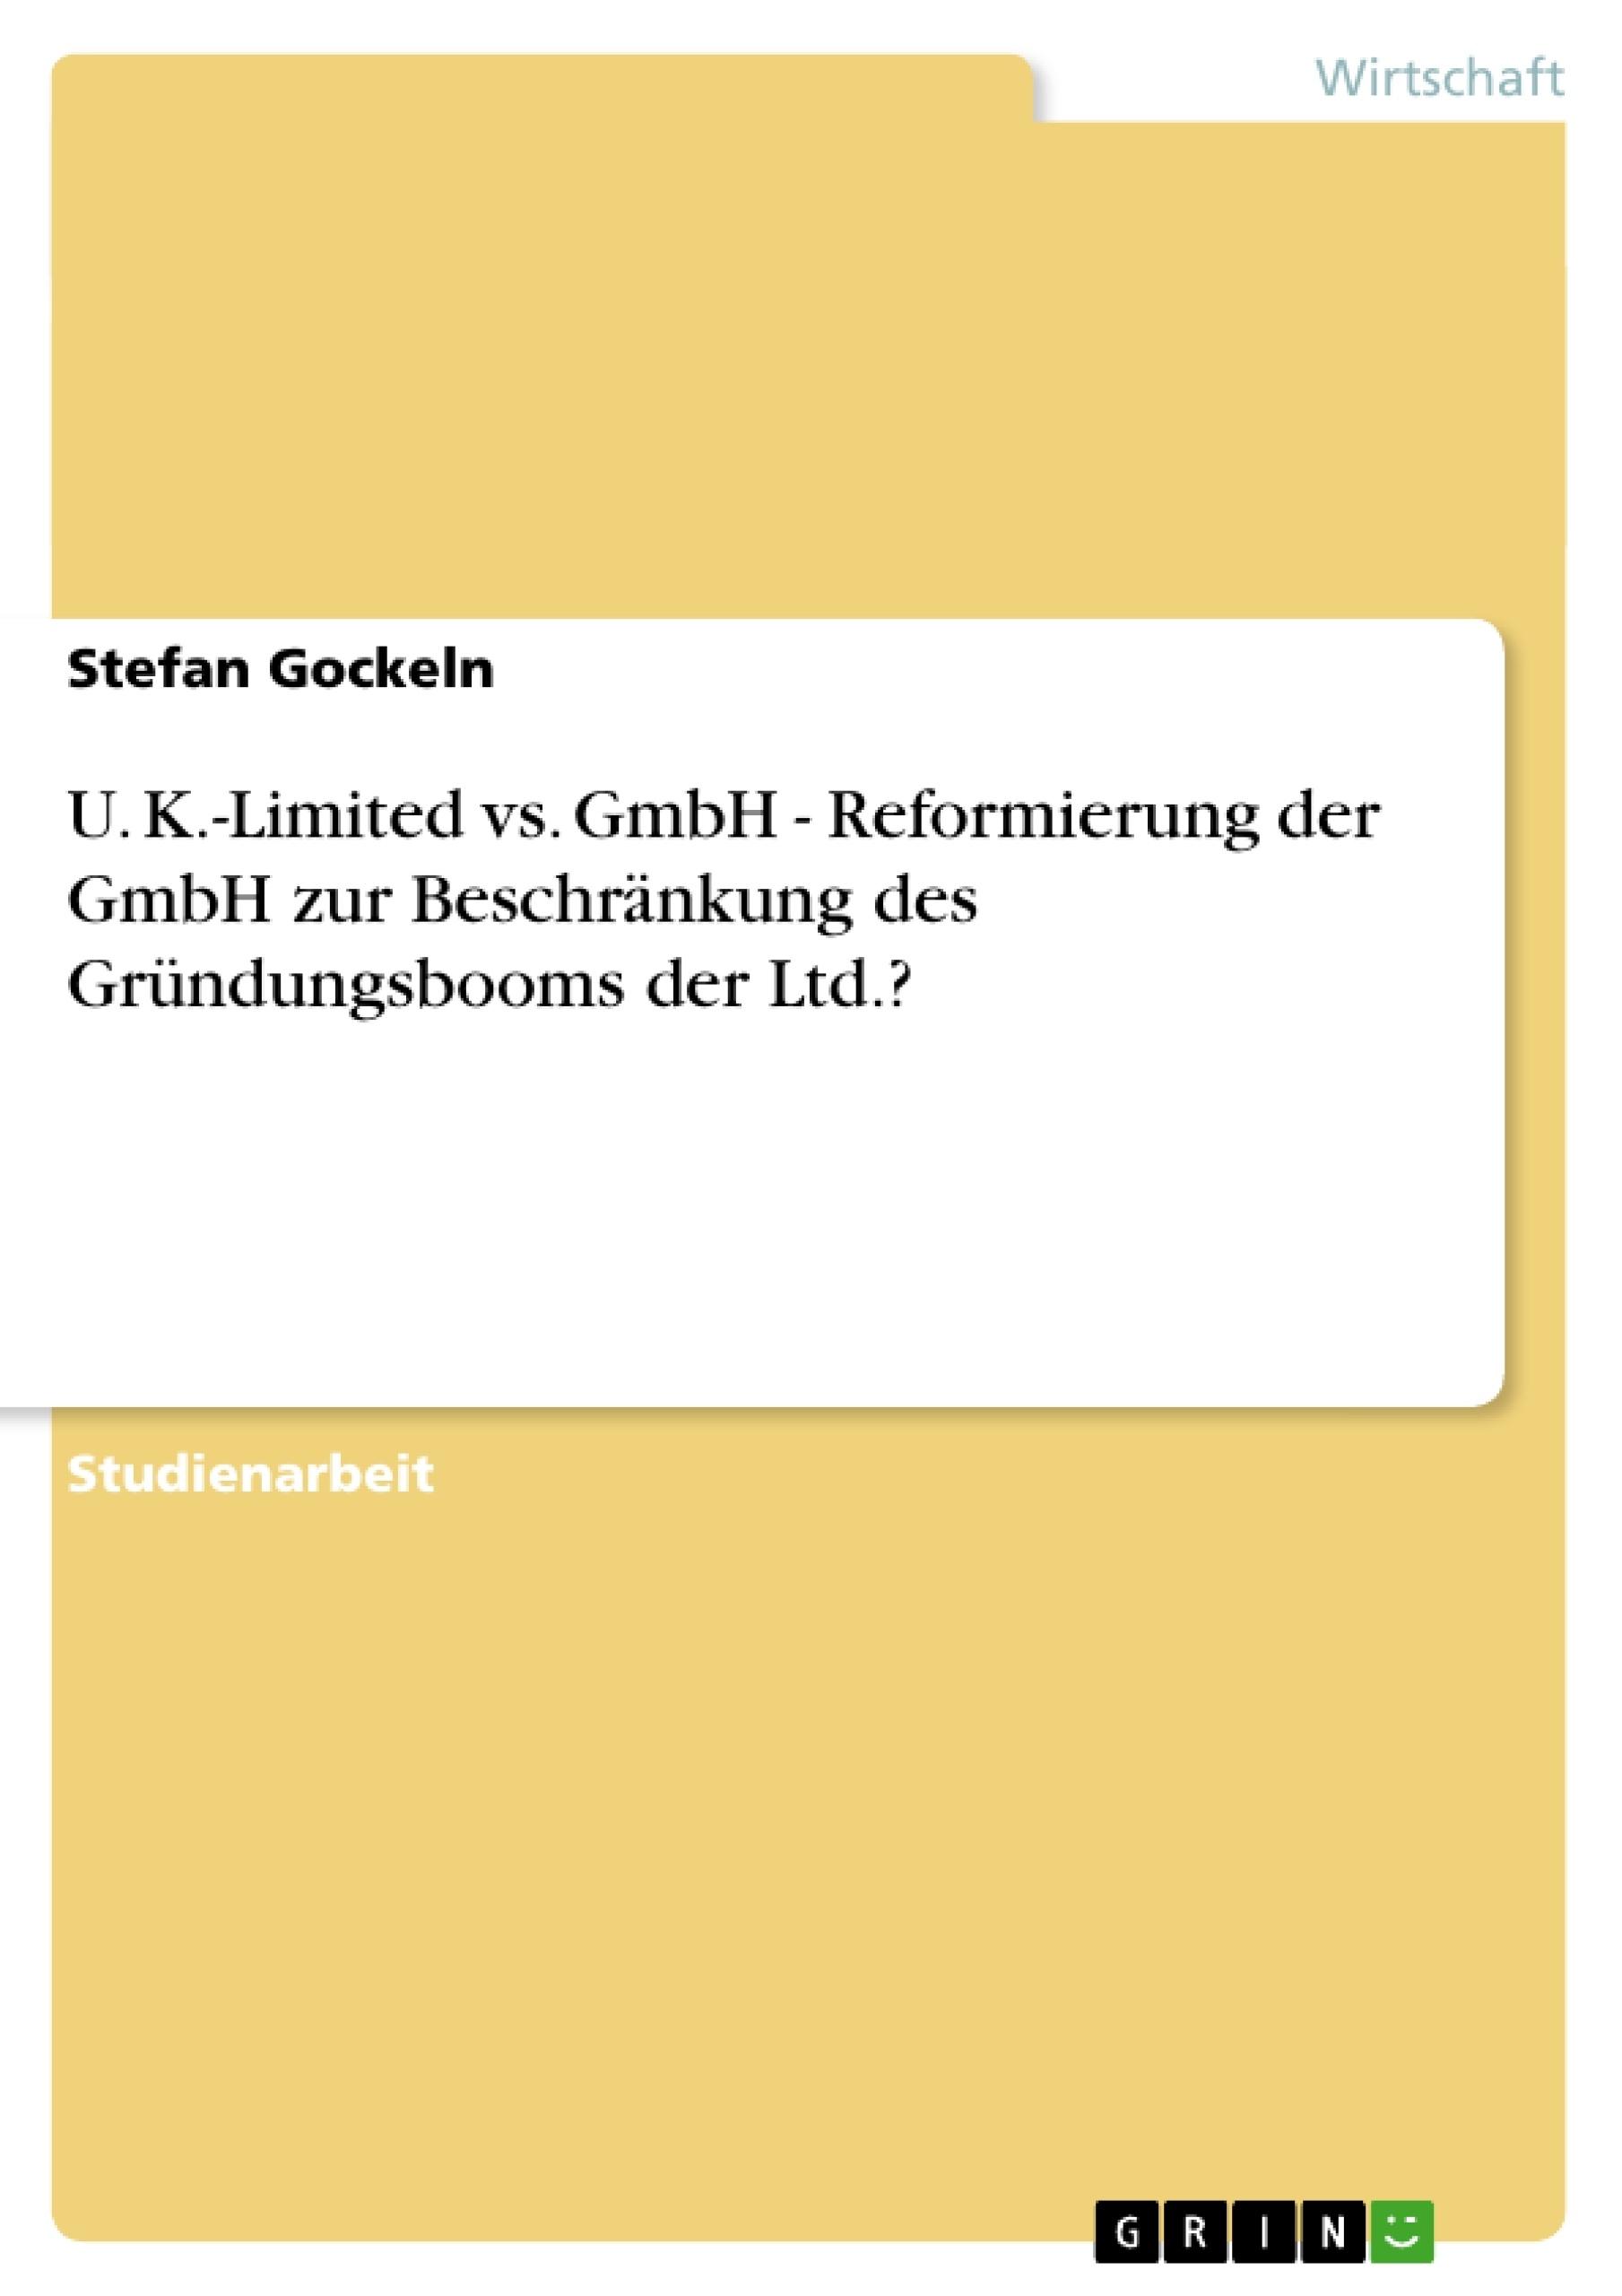 Titel: U. K.-Limited vs. GmbH - Reformierung der GmbH zur Beschränkung des Gründungsbooms der Ltd.?